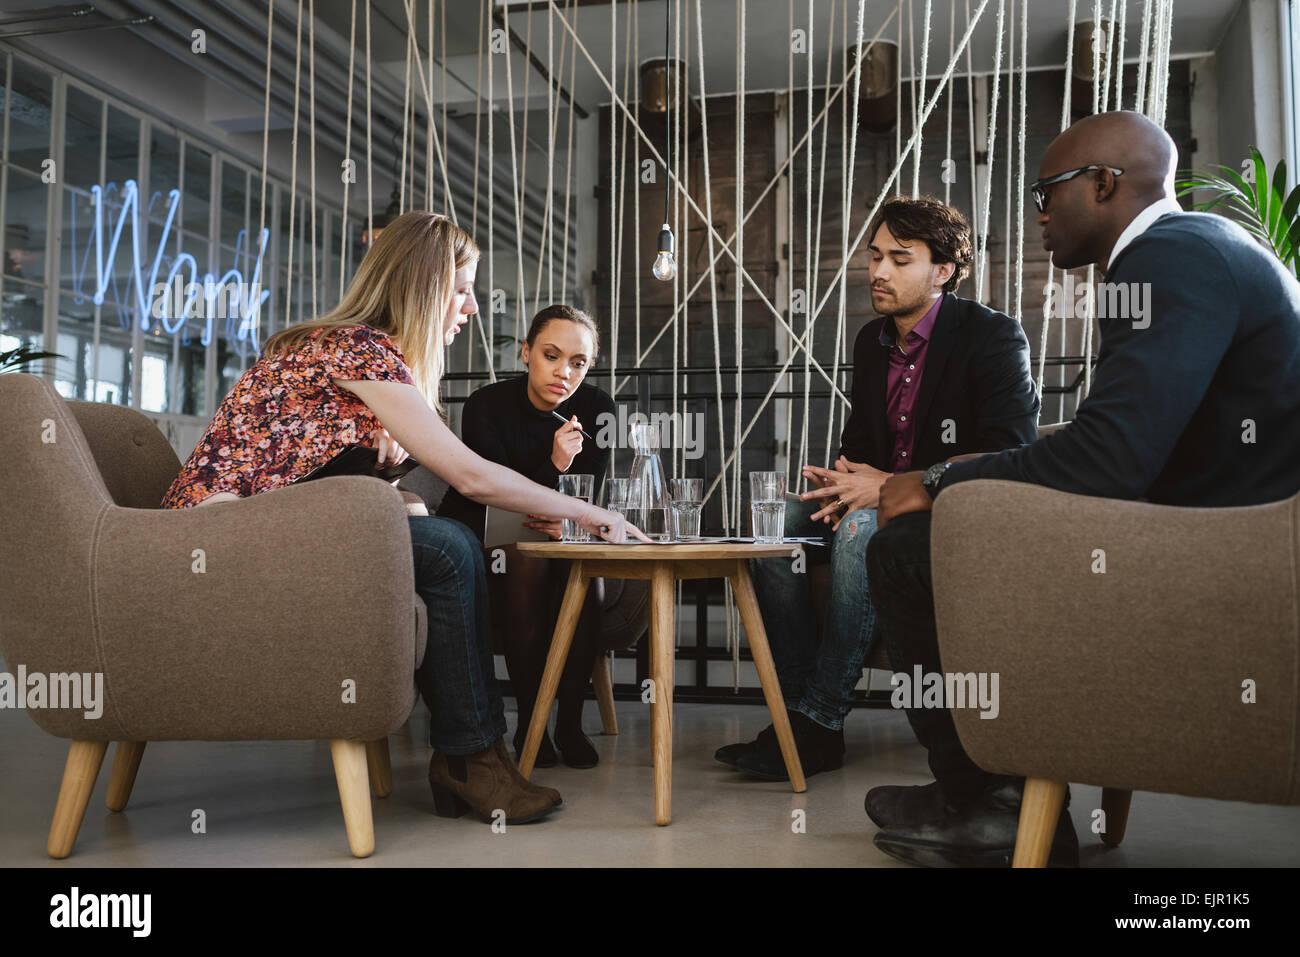 Diversi gruppi di dirigenti riuniti in ufficio condividendo idee creative. I giovani aventi un incontro nella lobby. Immagini Stock